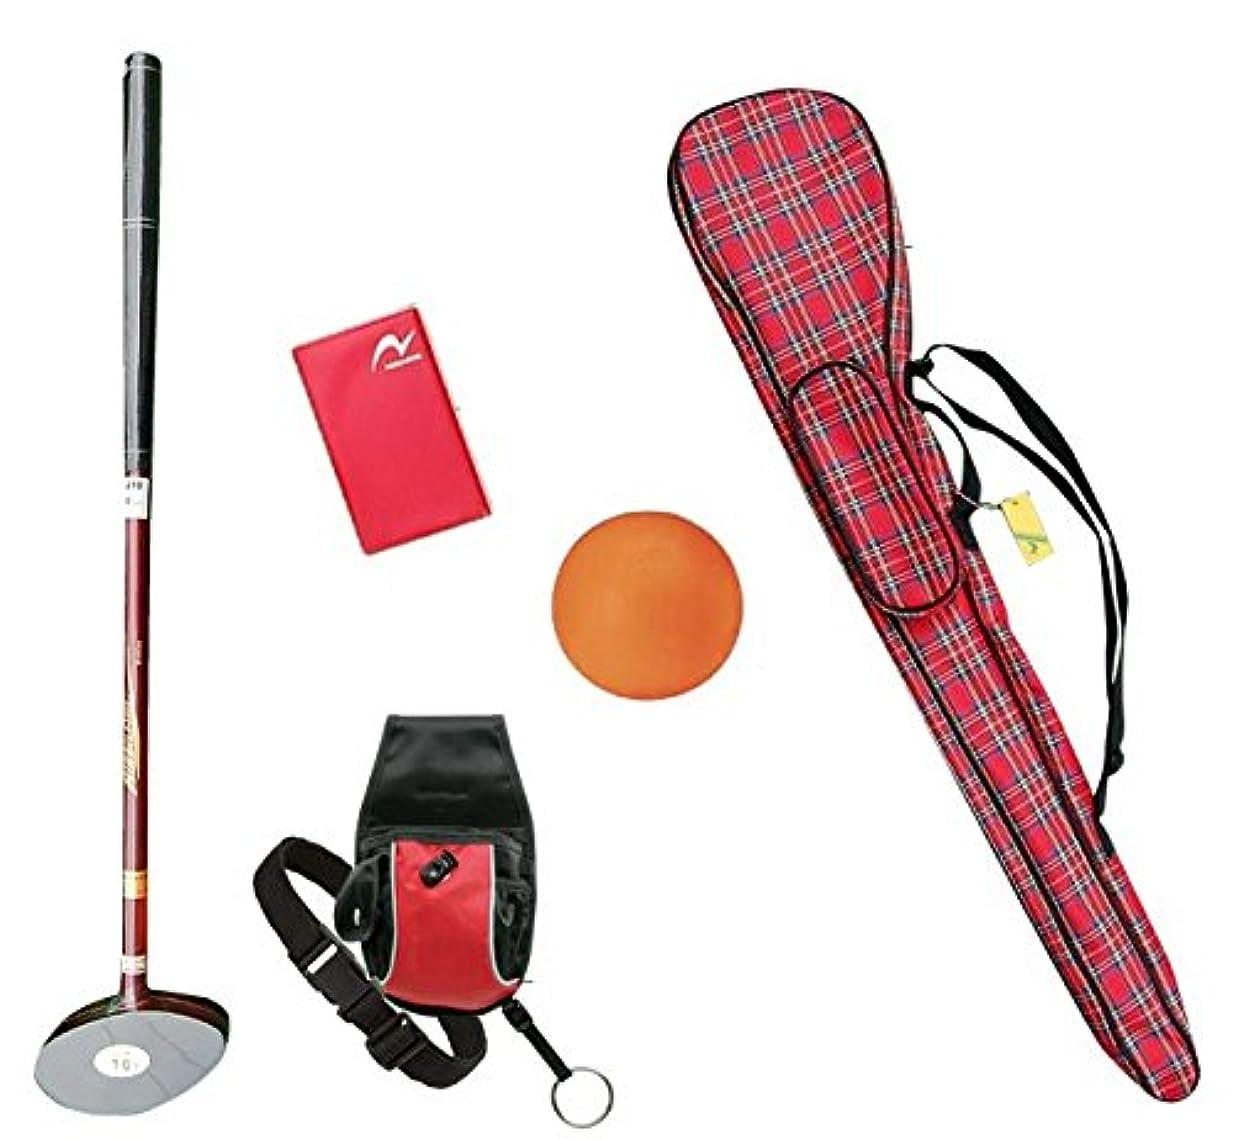 パーセント文献獣グラウンドゴルフ ニチヨークラブアベレージセット G-ASレディース用セット グランドゴルフクラブ